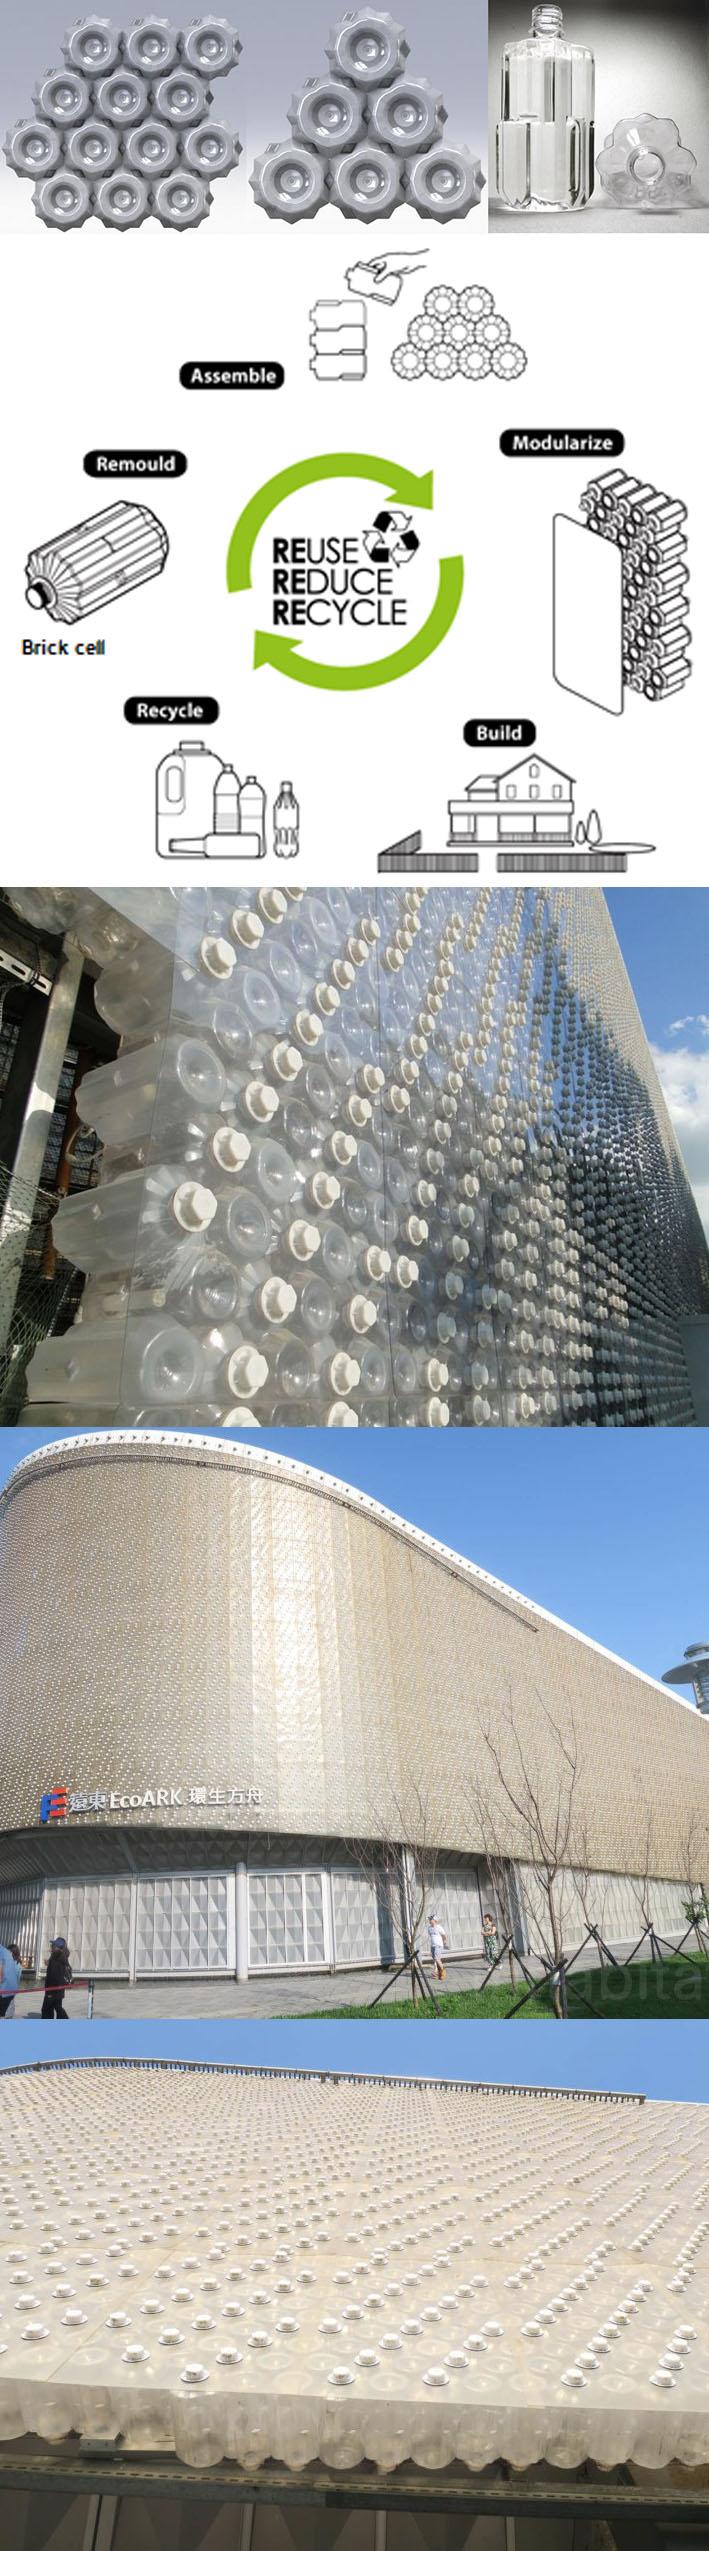 EcoARK, o edifício ecológico feito com 1,5 milhão de garrafas PET recicladas stylo urbano